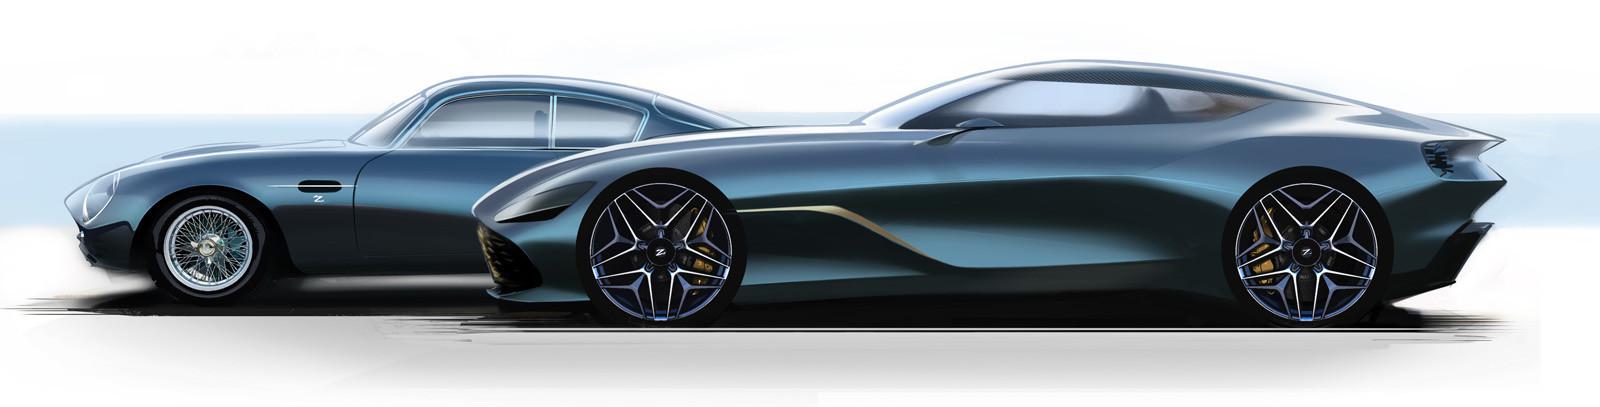 Foto de Aston Martin DBS GT Zagato, teaser (3/7)